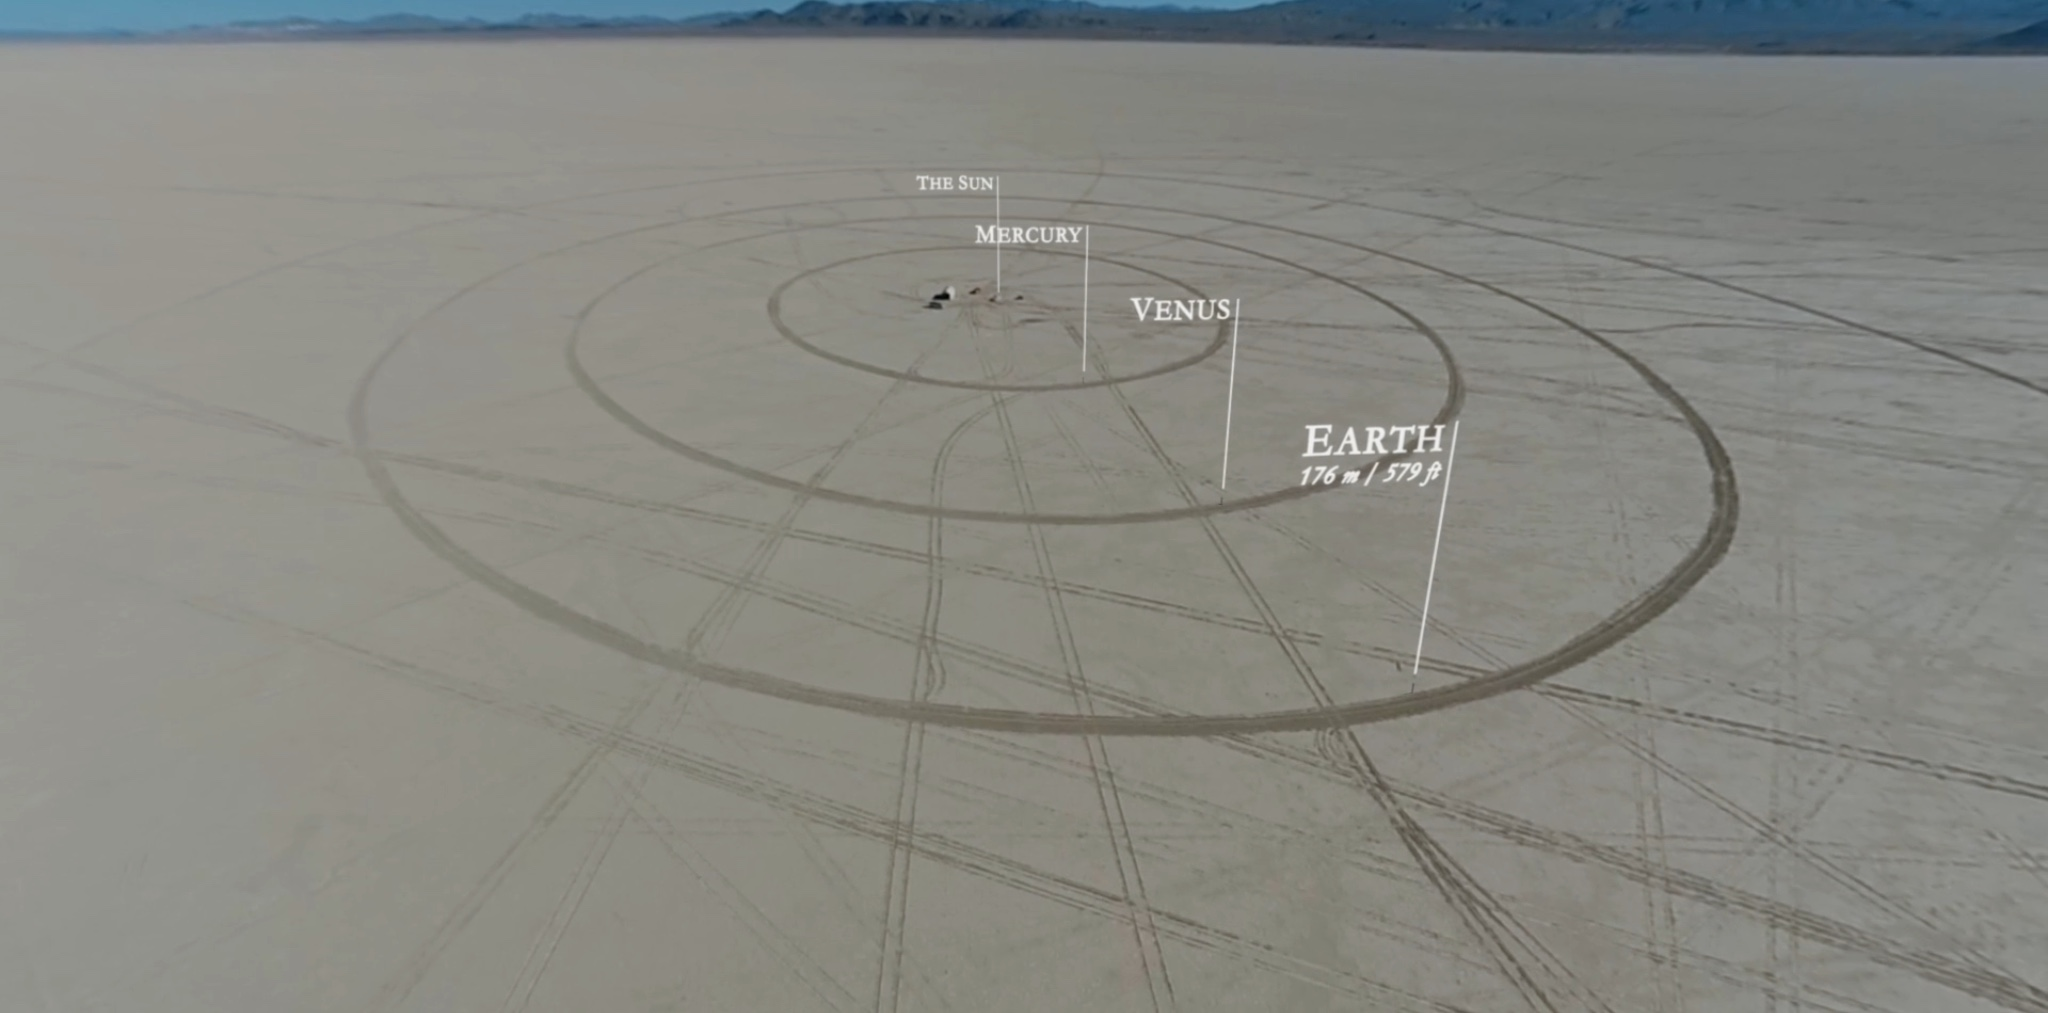 Реальные размеры Солнечной системы в масштабе